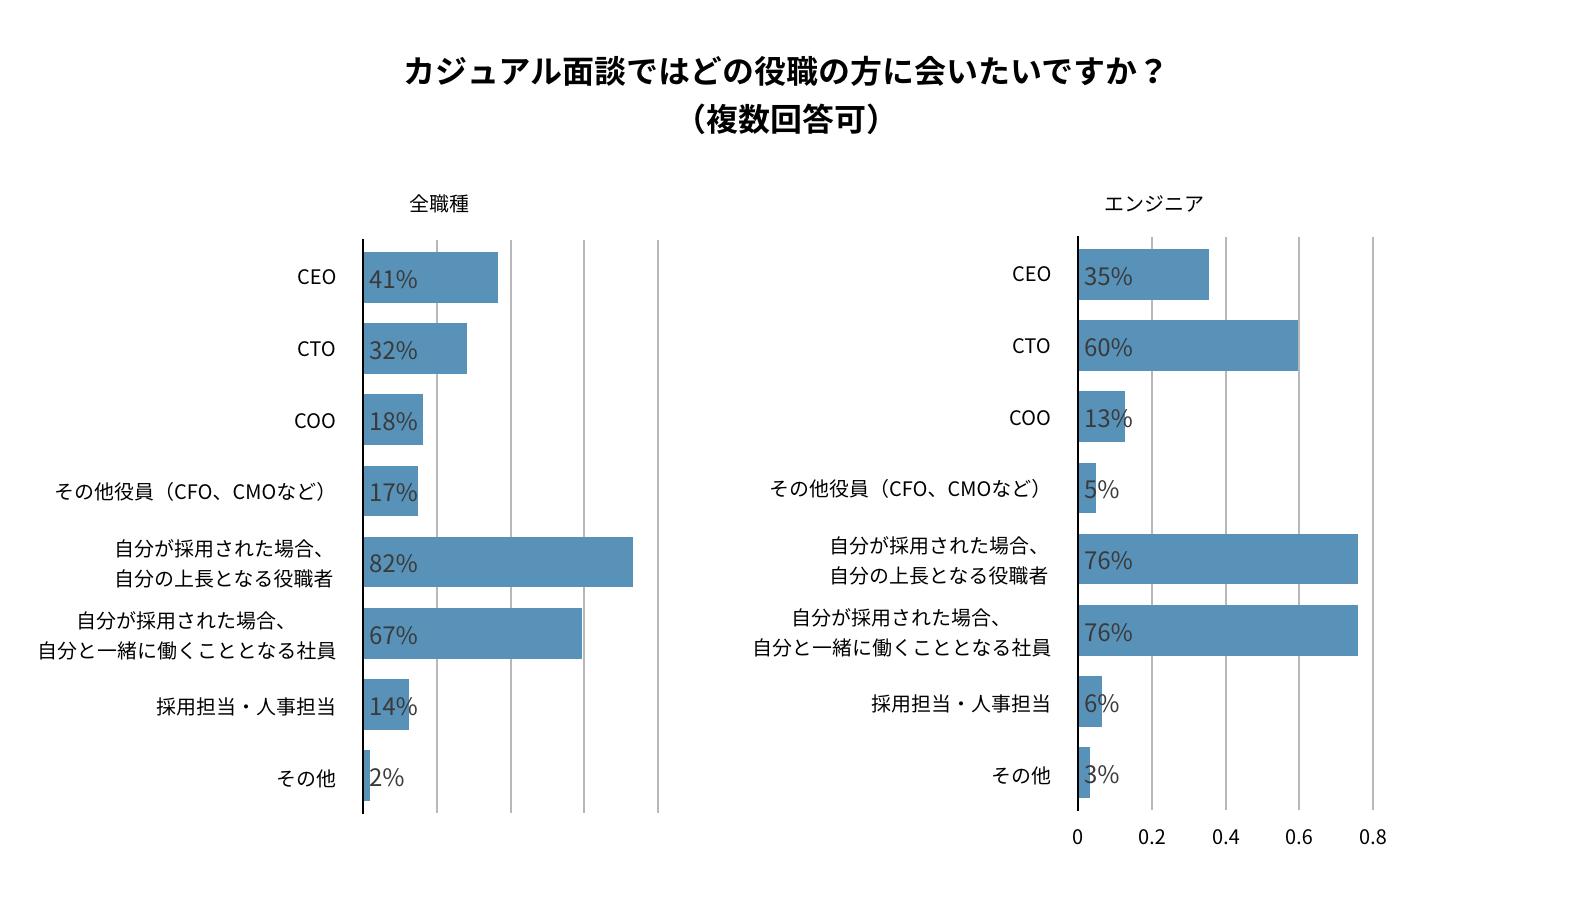 カジュアル面談でどの役職の方に会いたいか。カジュアル面談で最も会いたいのは、自分と直接一緒に働く人(上長が82%、同僚が67%)、その次がCEO(41%)。